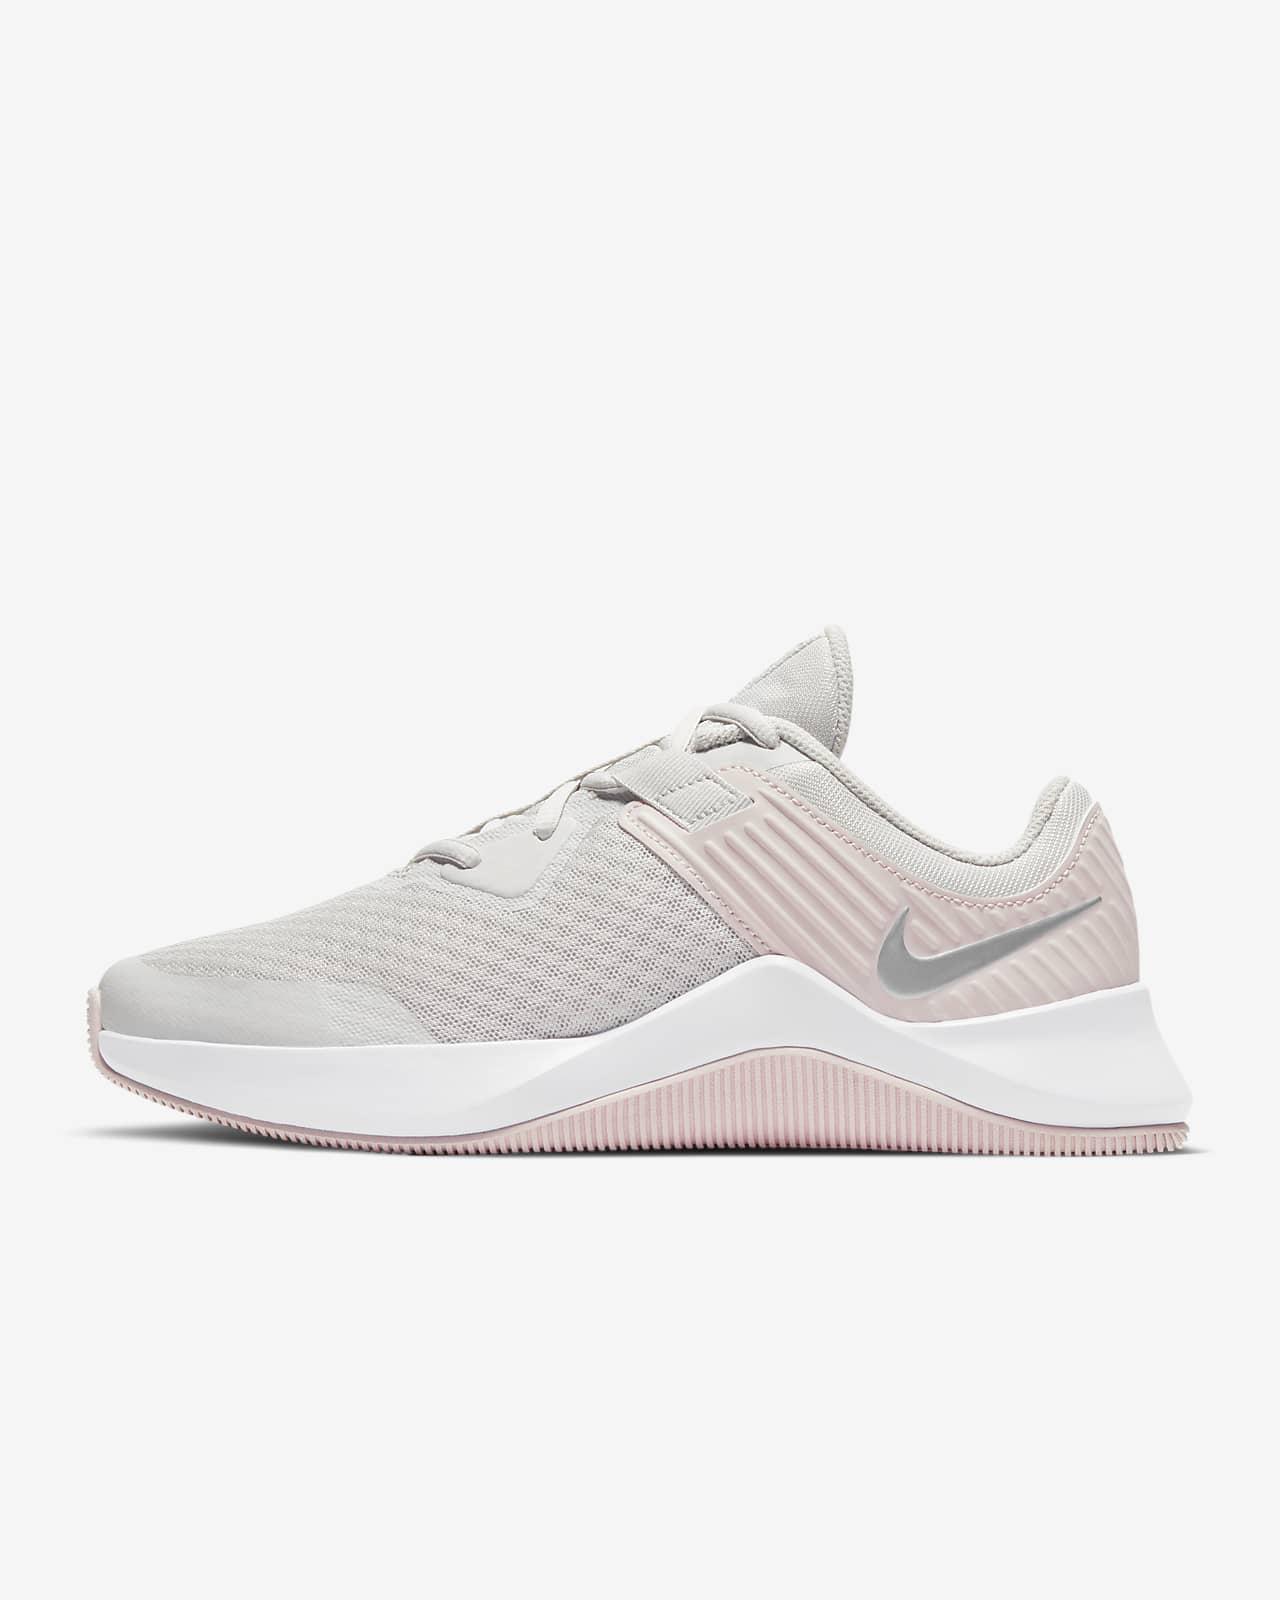 Träningssko Nike MC Trainer för kvinnor